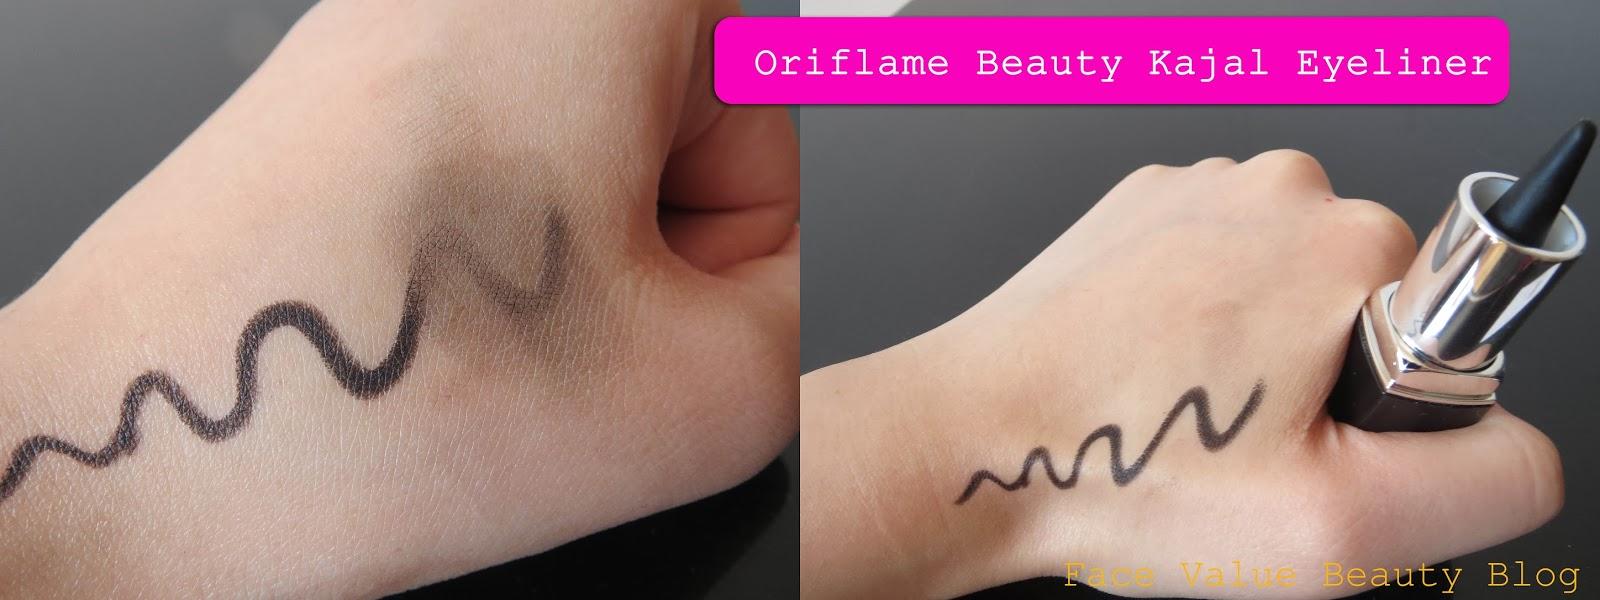 Oriflame Beauty Kajal Eyeliner Blog Makeup